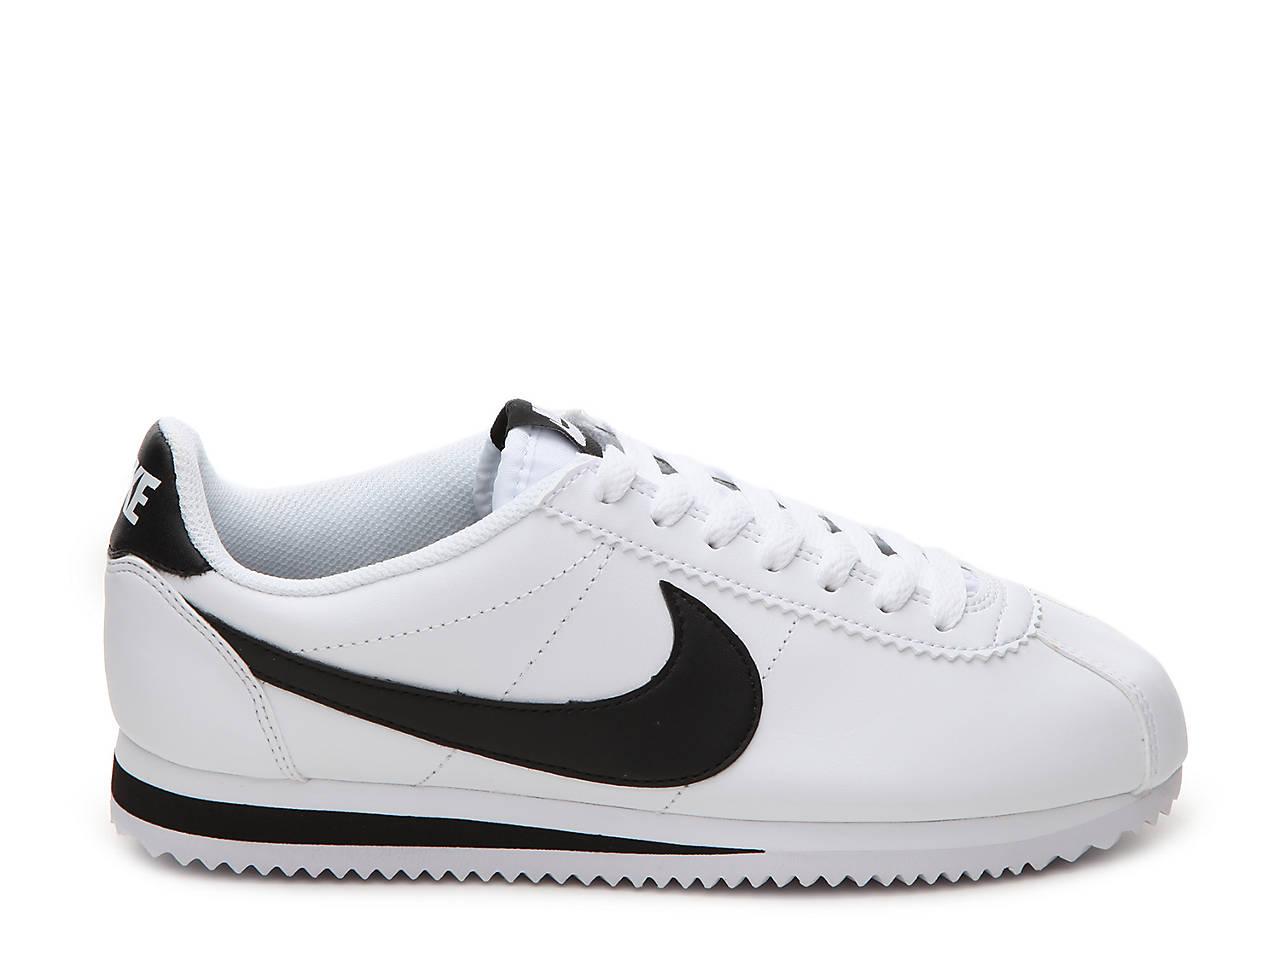 new arrival af433 74af3 Classic Cortez Sneaker - Women's